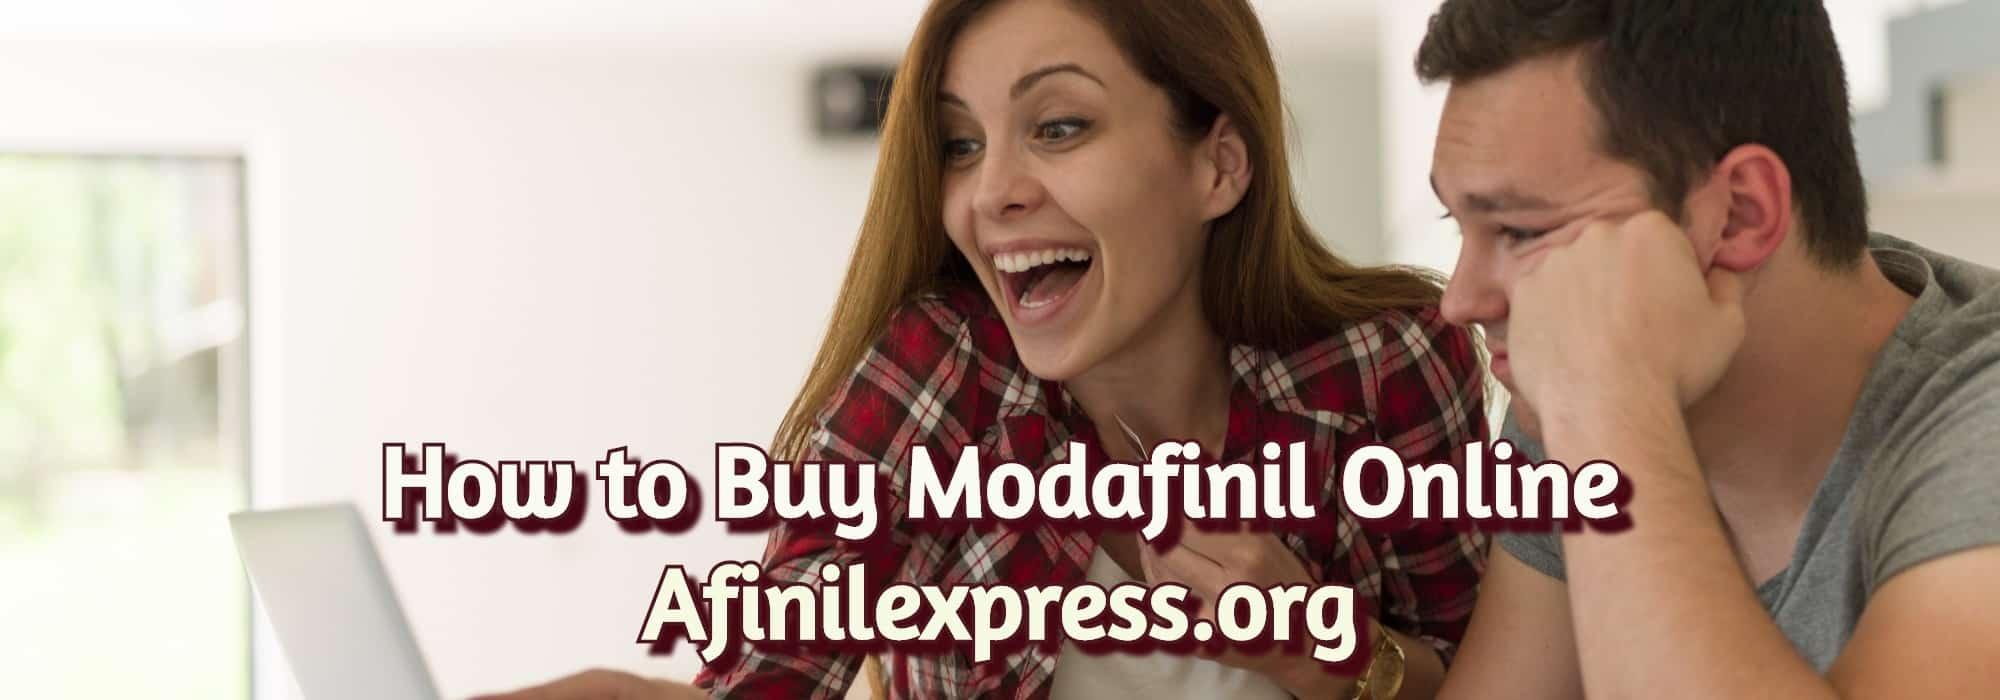 How to Buy Modafinil Online.